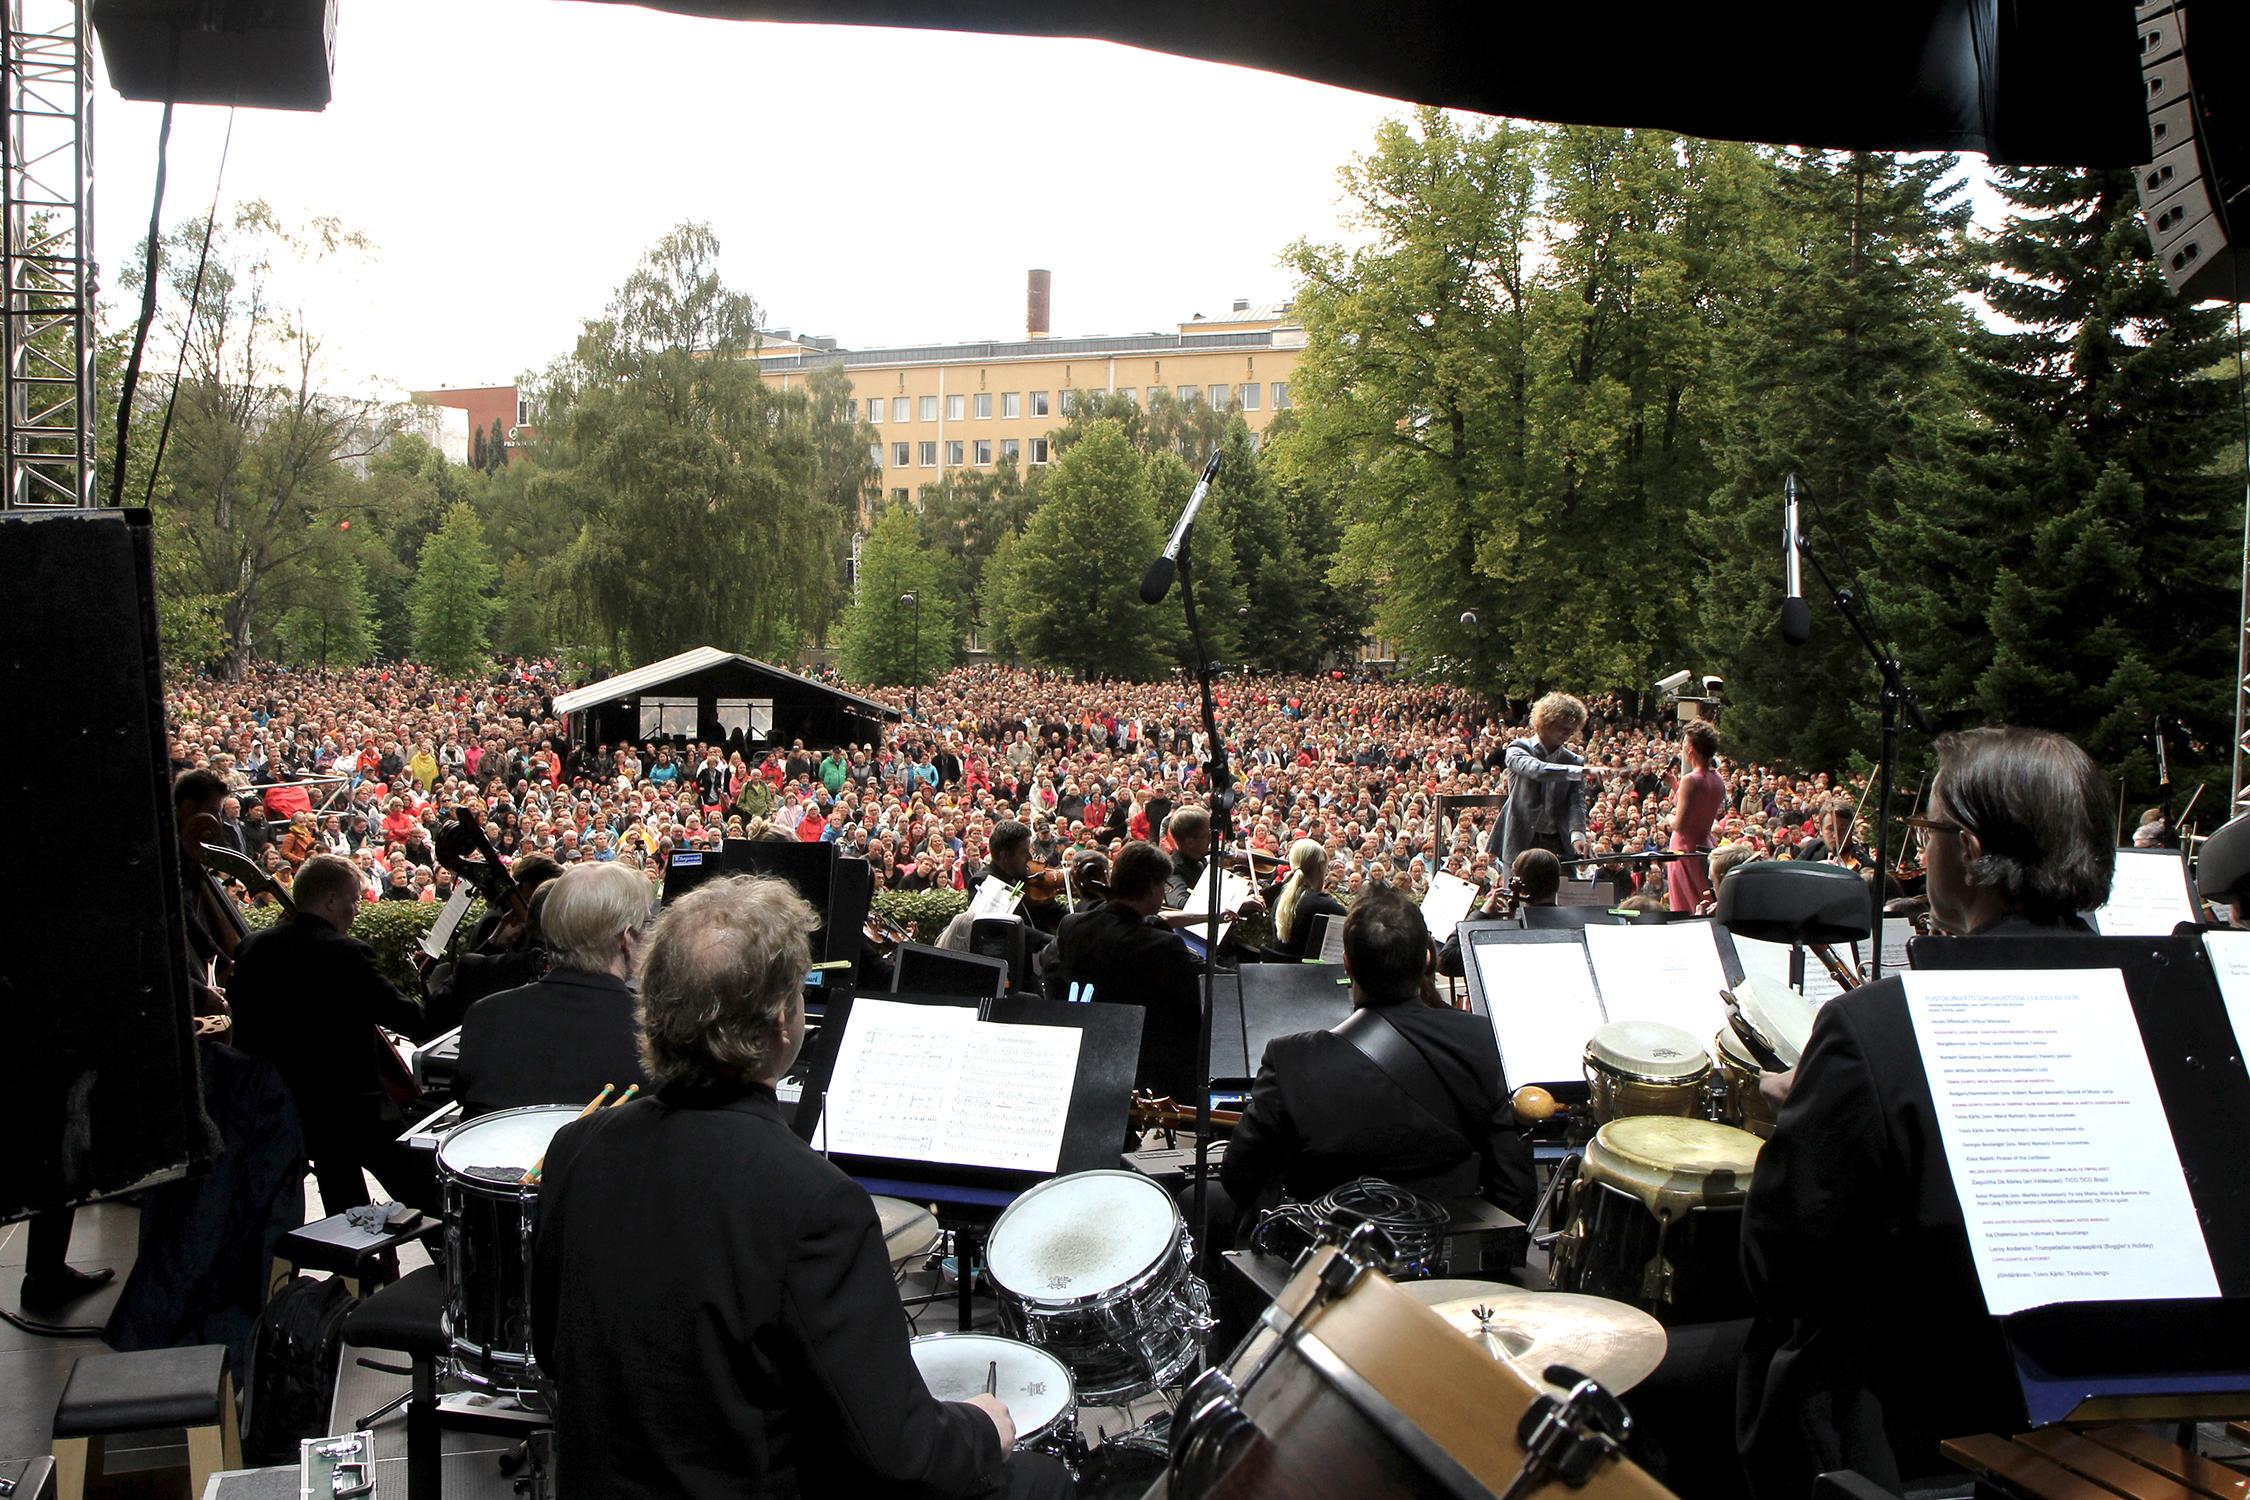 Tampere Filharmonian puistokonsertti kutsuu taas Sorsapuistoon – Tampere-talon syyskauden ...